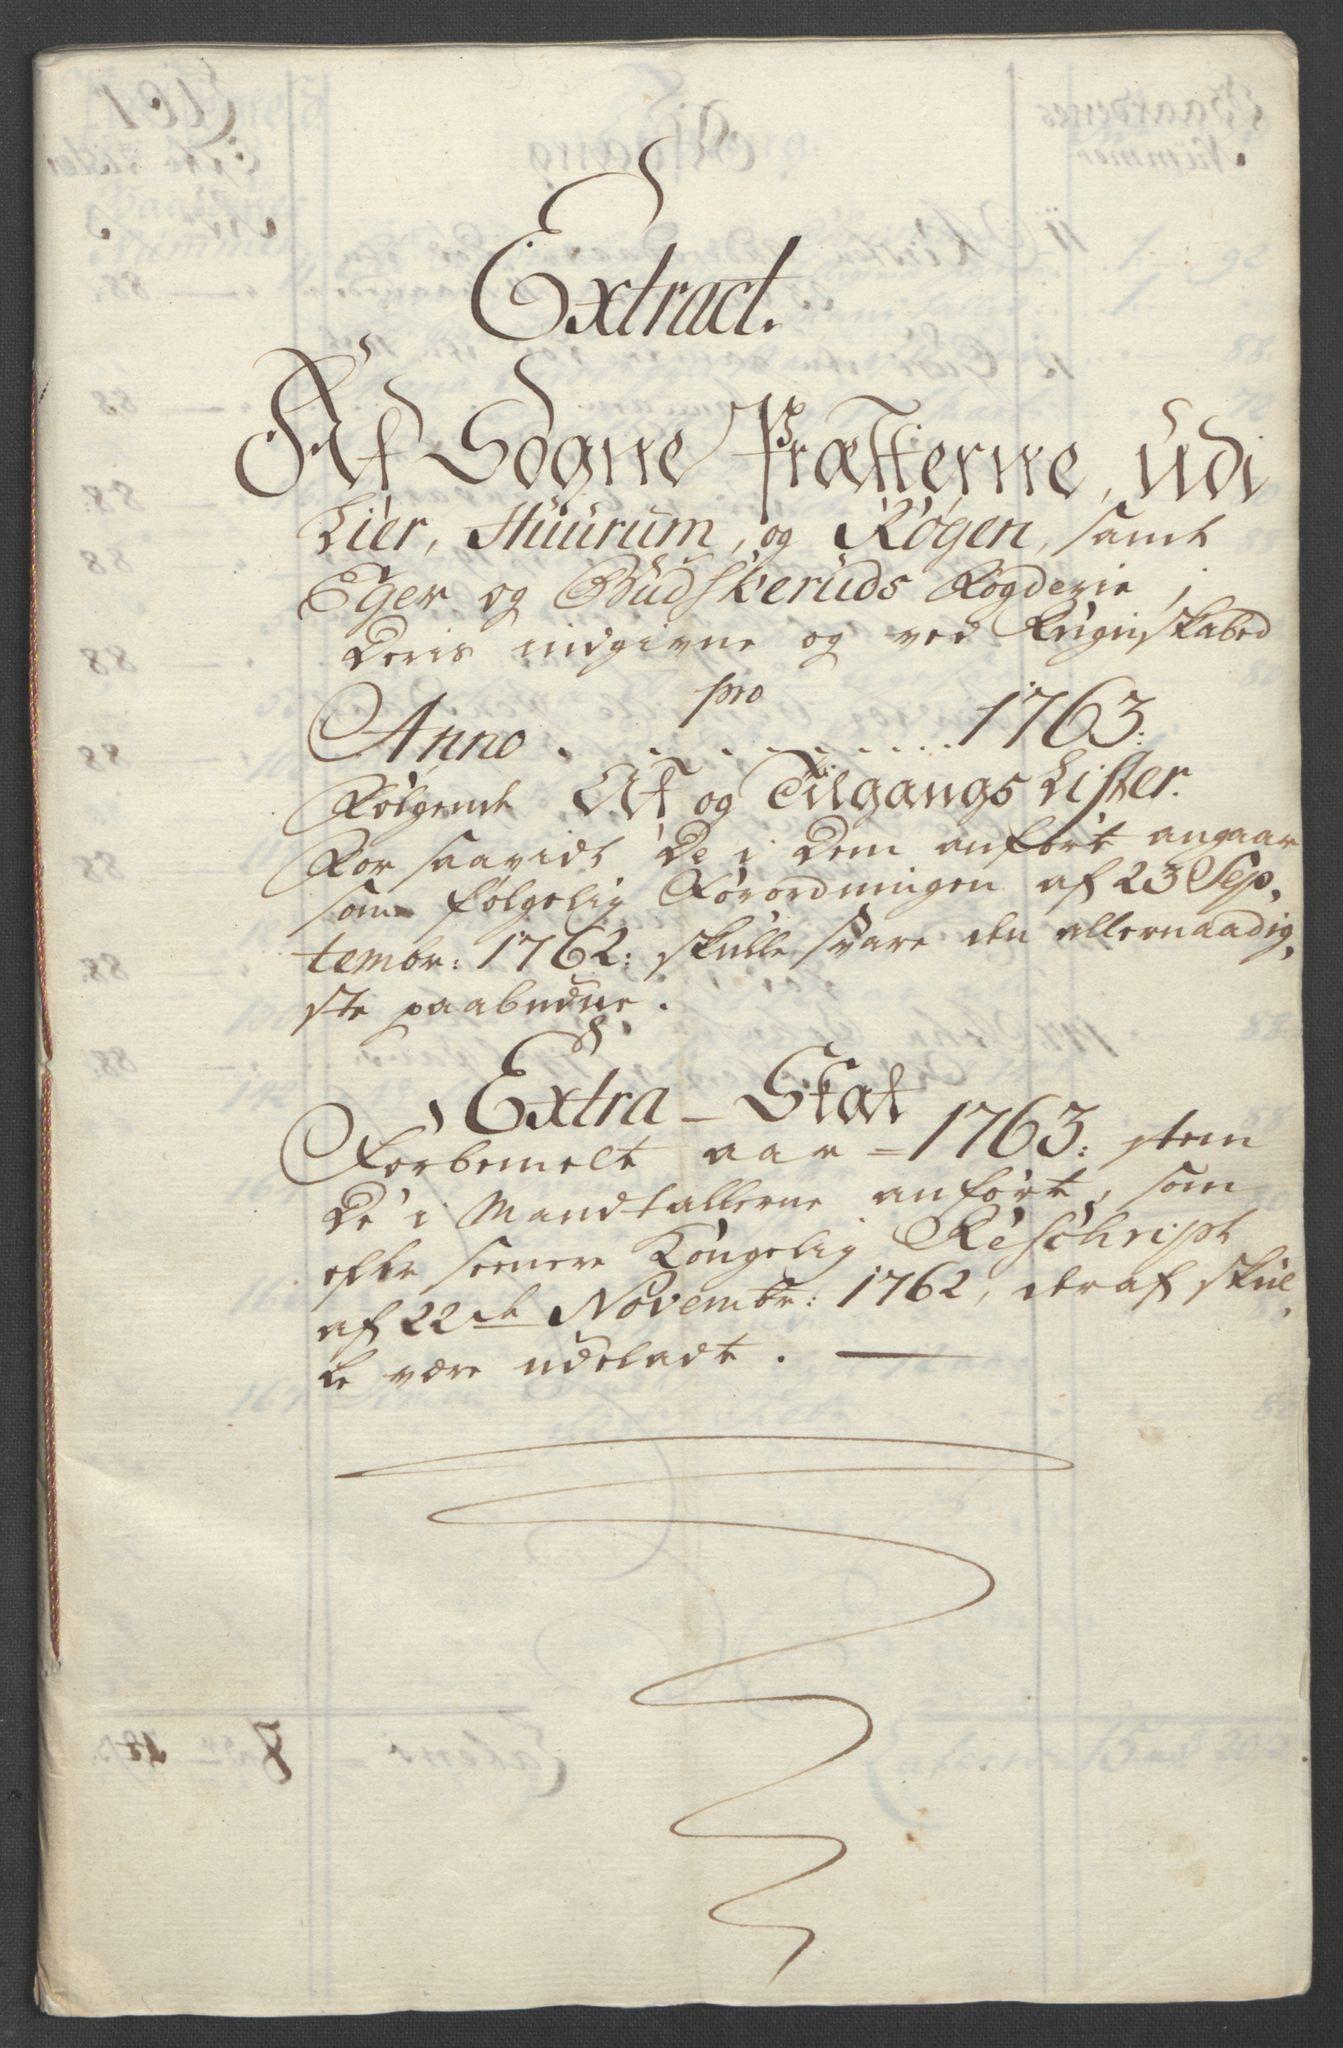 RA, Rentekammeret inntil 1814, Reviderte regnskaper, Fogderegnskap, R31/L1833: Ekstraskatten Hurum, Røyken, Eiker, Lier og Buskerud, 1762-1764, s. 65